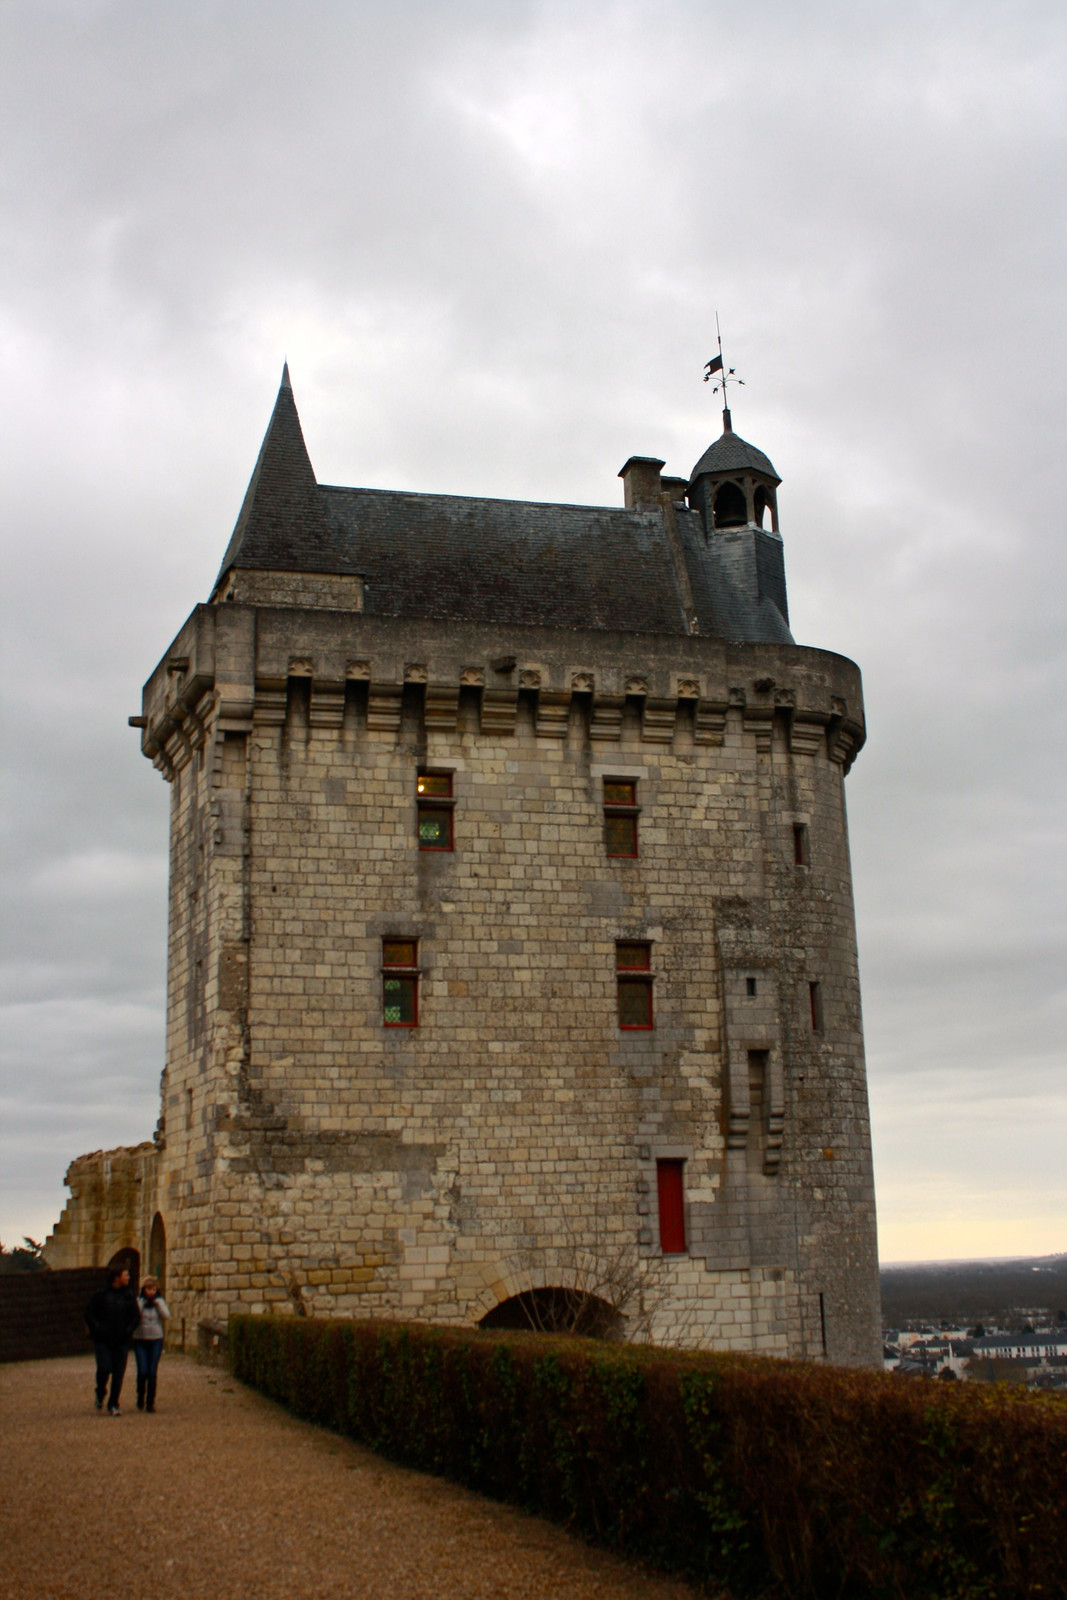 Château de Chinon, France